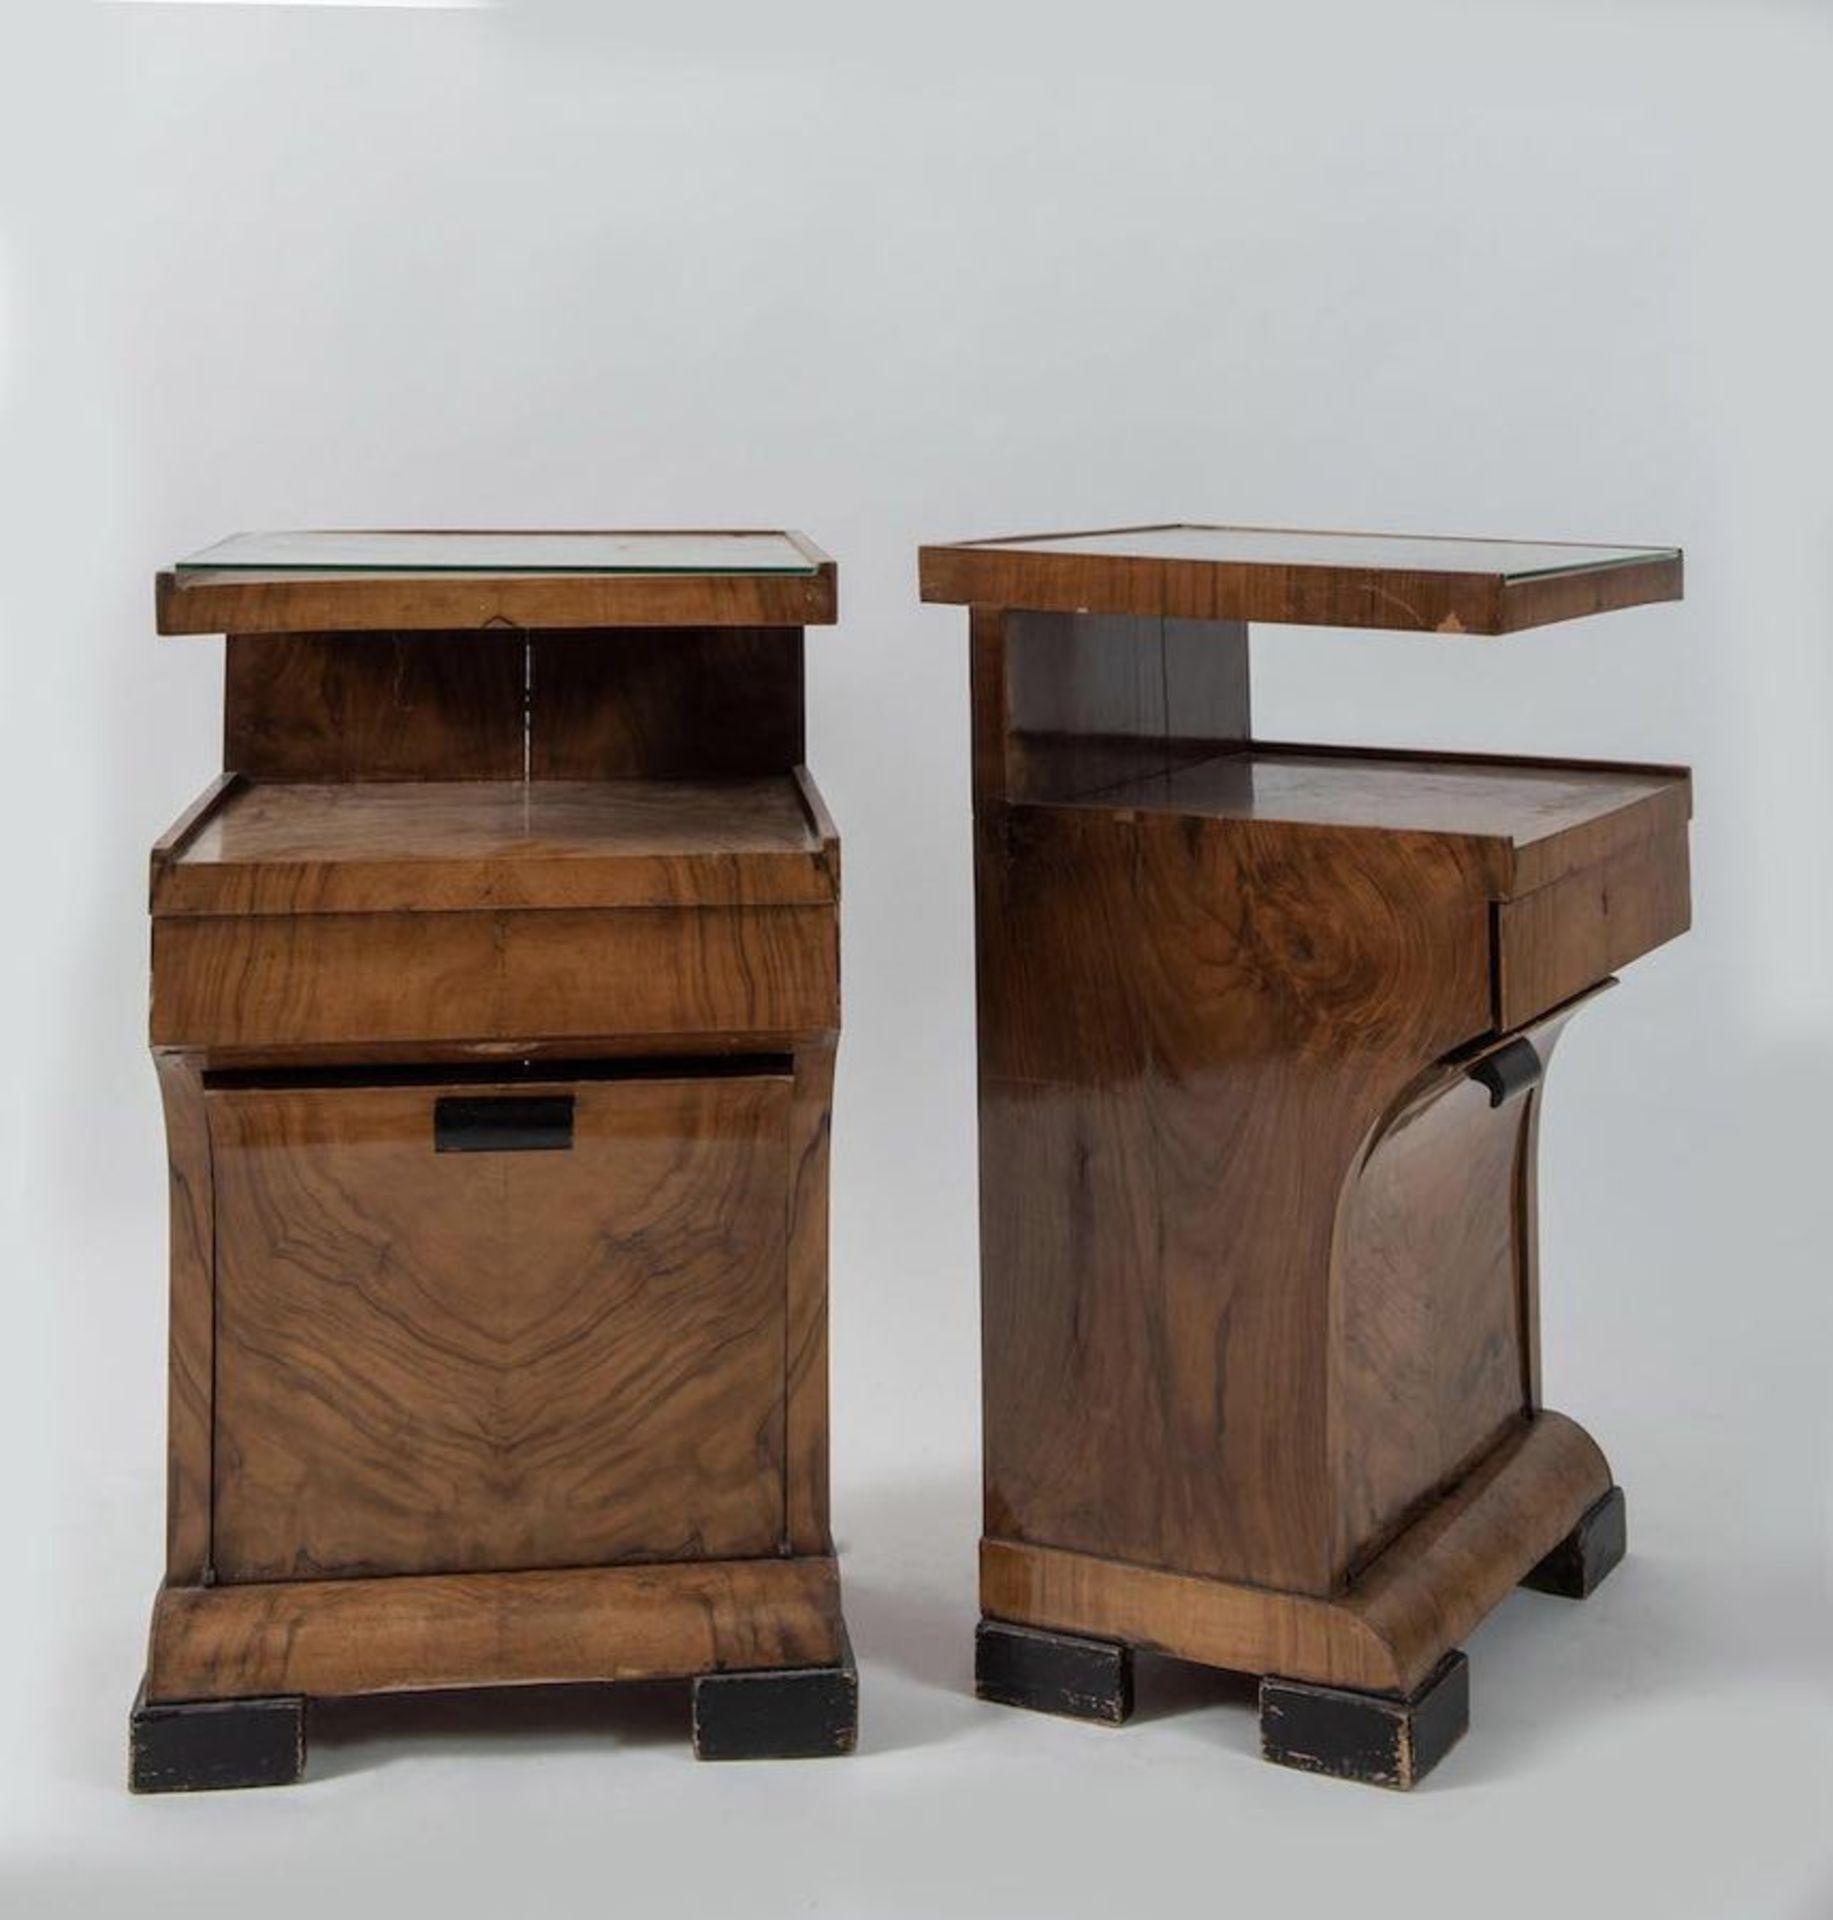 Coppia di comodini in legno con piano in vetro. Prod. Italia, 1940 ca. Cadauno di cm 72x41,5x41,5. - Bild 3 aus 3